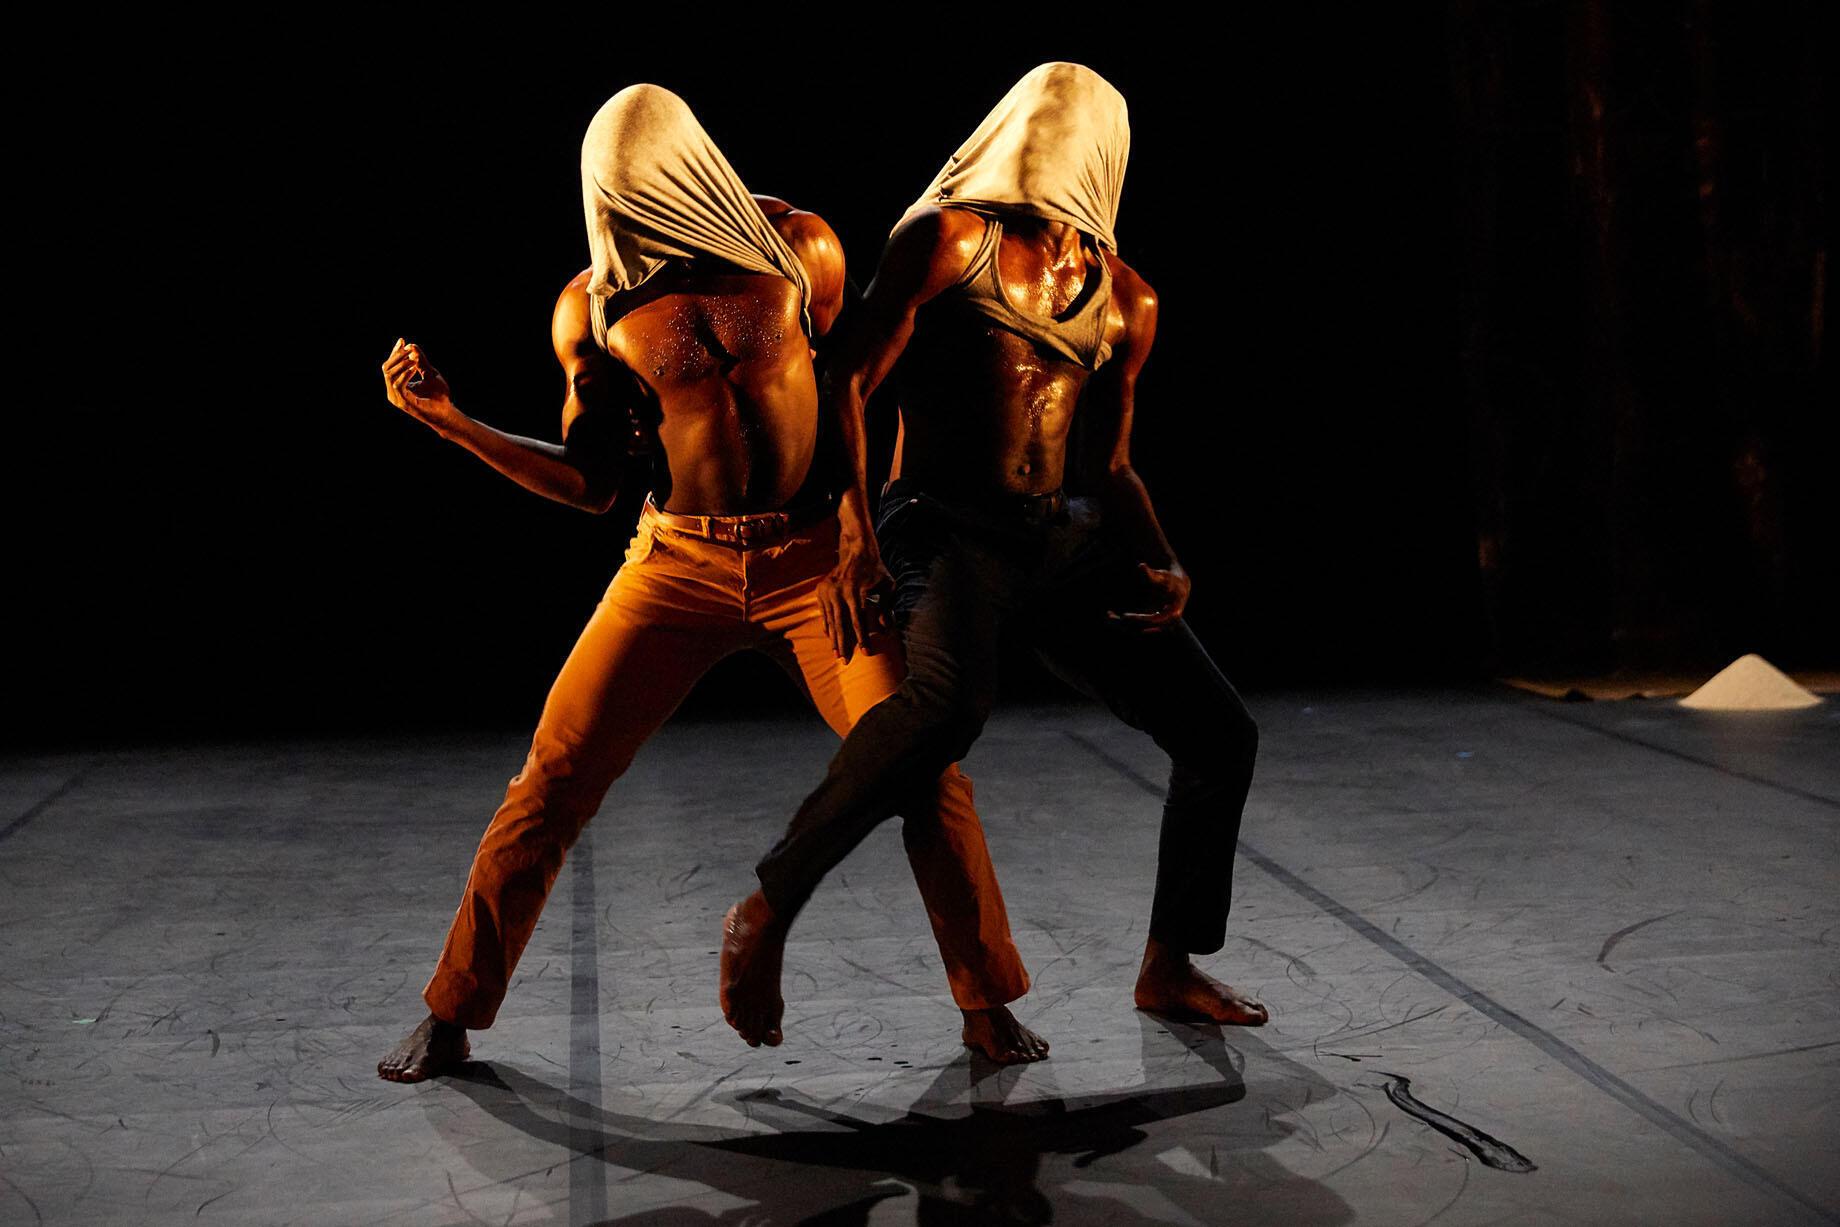 « Figninto – L'œil troué », chorégraphie de Seydou Boro et Salia Sanou, interprétée par Ousséni Dabaré, Jean-Robert Kiki Koudogbo, Ibrahim Zongo.